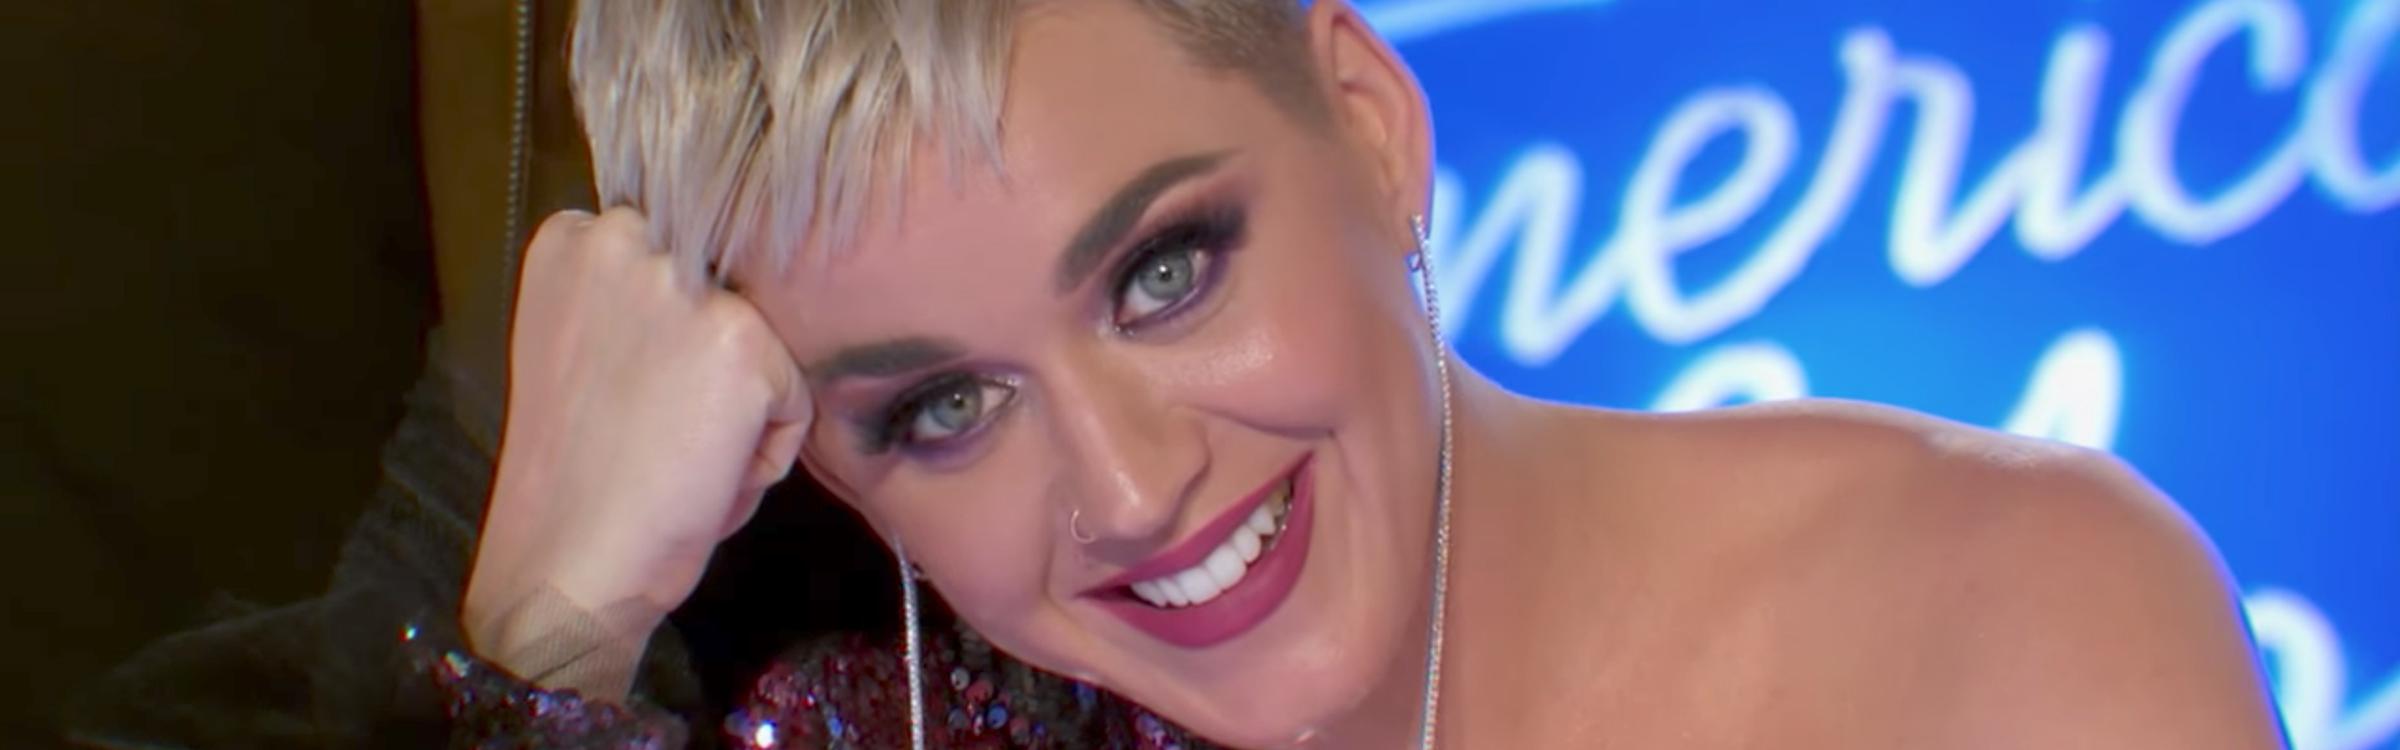 Katy header